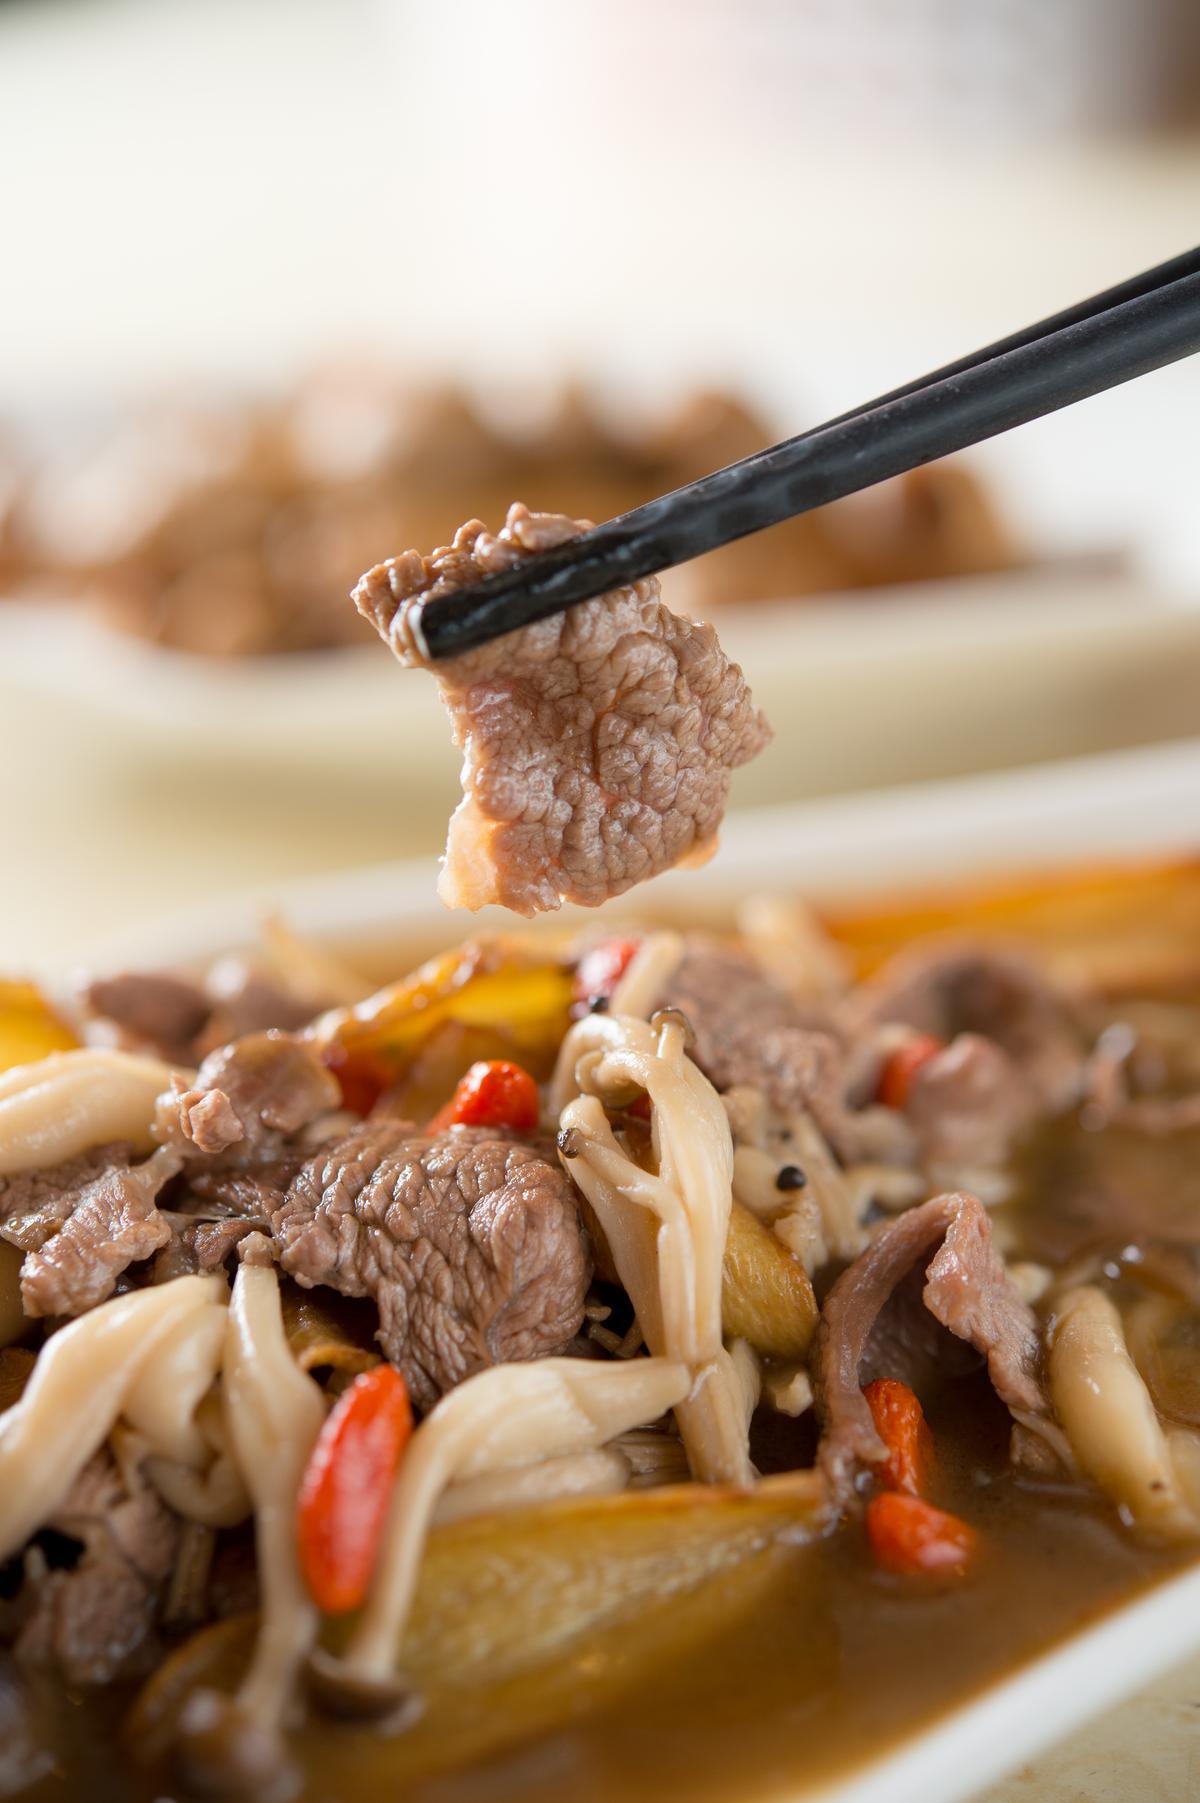 「麻油羊肉鴻喜菇」的羊肉略帶厚度,鮮香甜潤。(400元╱份)